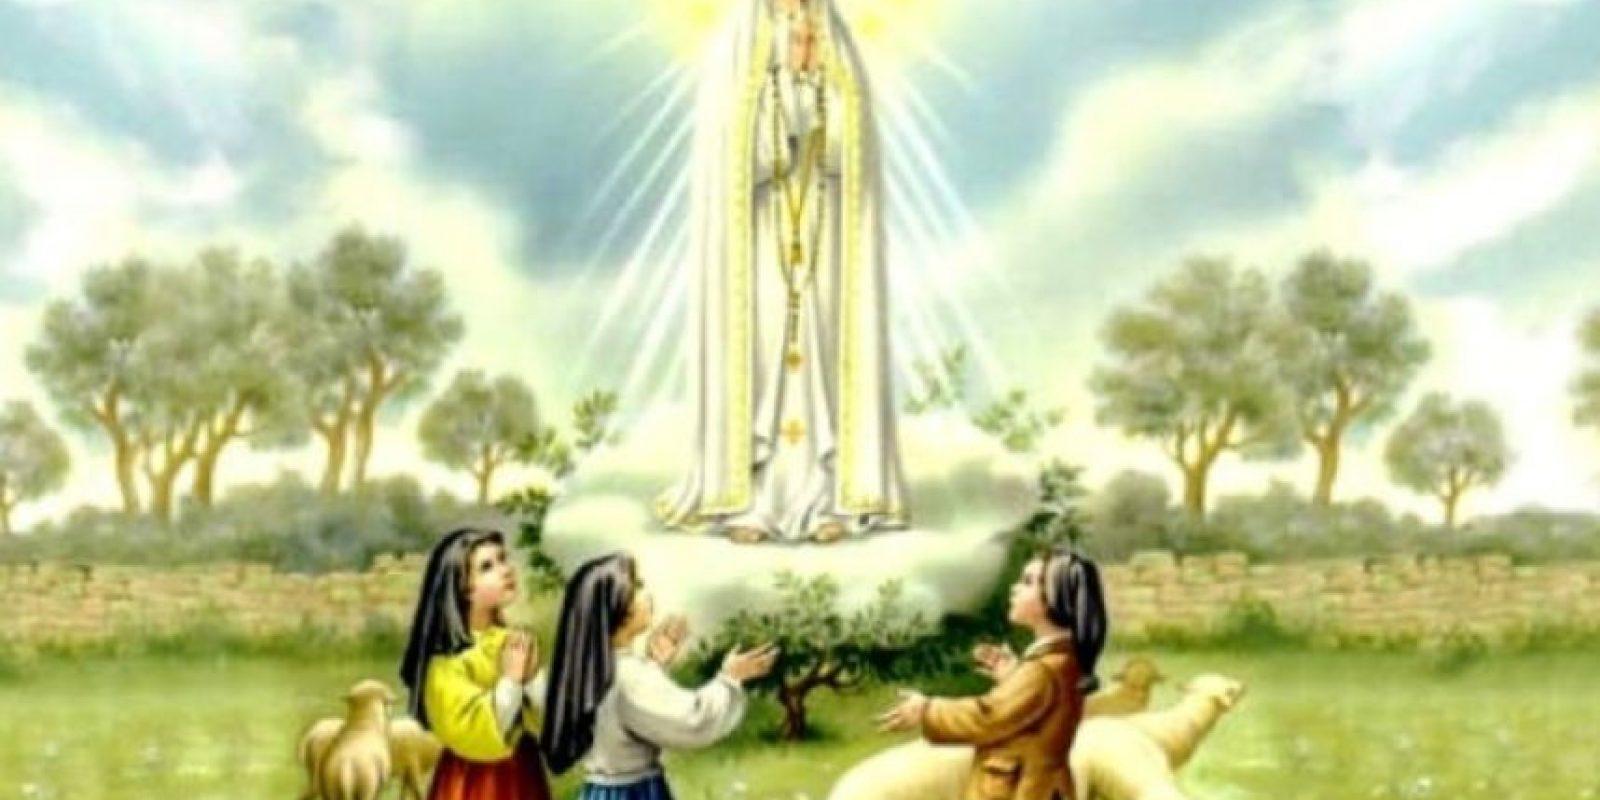 """Para los años 90, una supuesta """"cadena"""" circulaba en la web: supuestamente, la Virgen de Fátima advirtió que el mundo se acabaría con un gran terremoto y luego vendría un gas letal que mataría a muchos. Luego los demonios se esparcirían por la Tierra. Foto:Tumblr"""